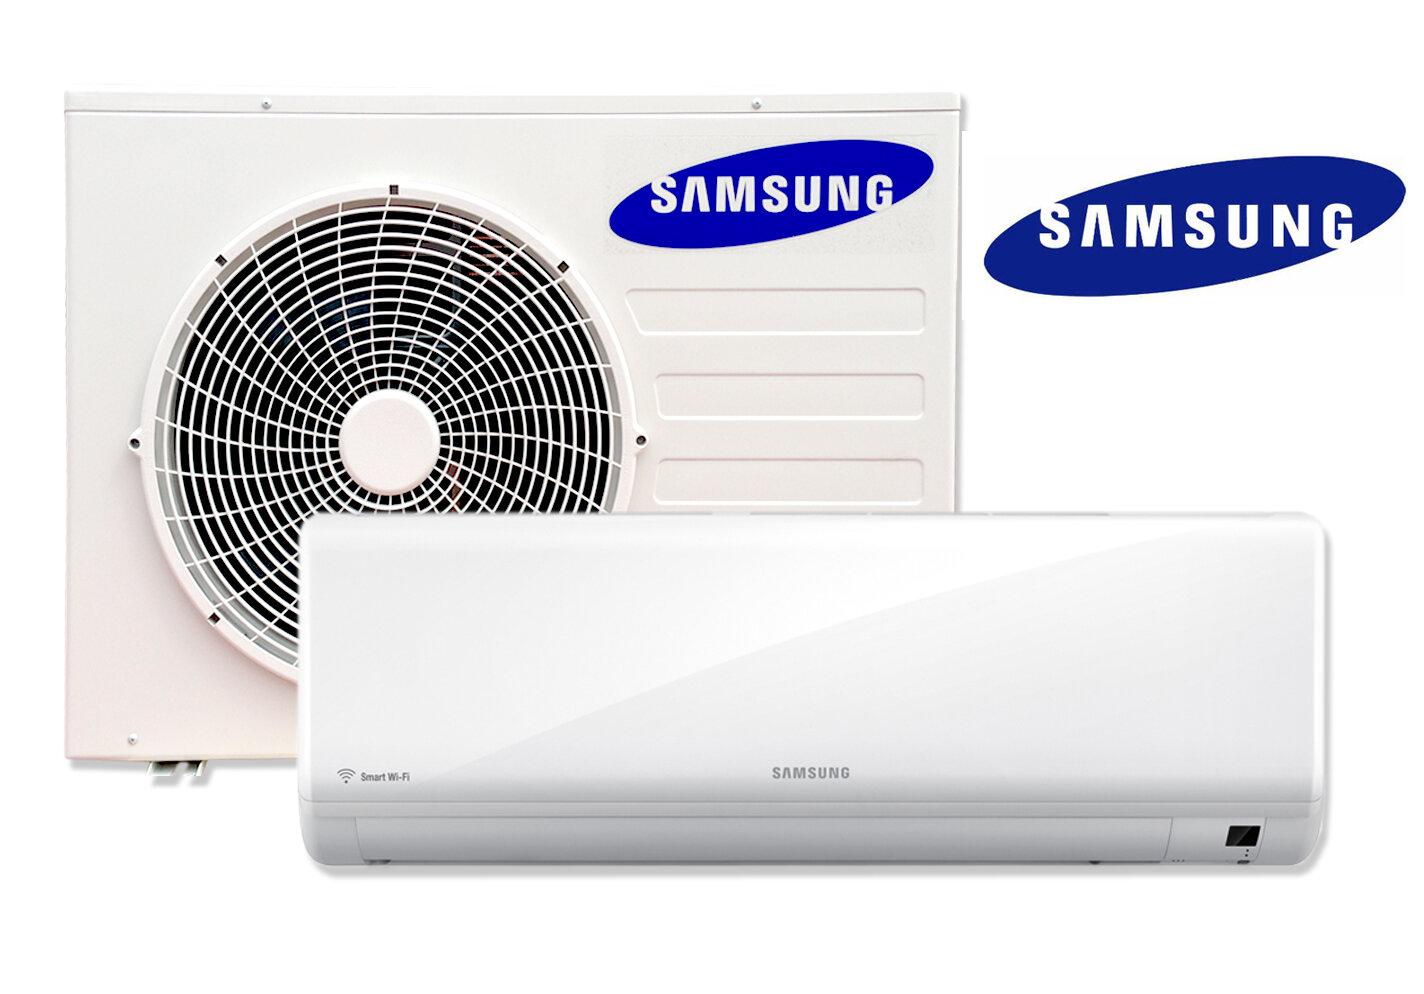 Bảng giá máy lạnh Samsung 1 chiều chính hãng rẻ nhất thị trường năm 2017